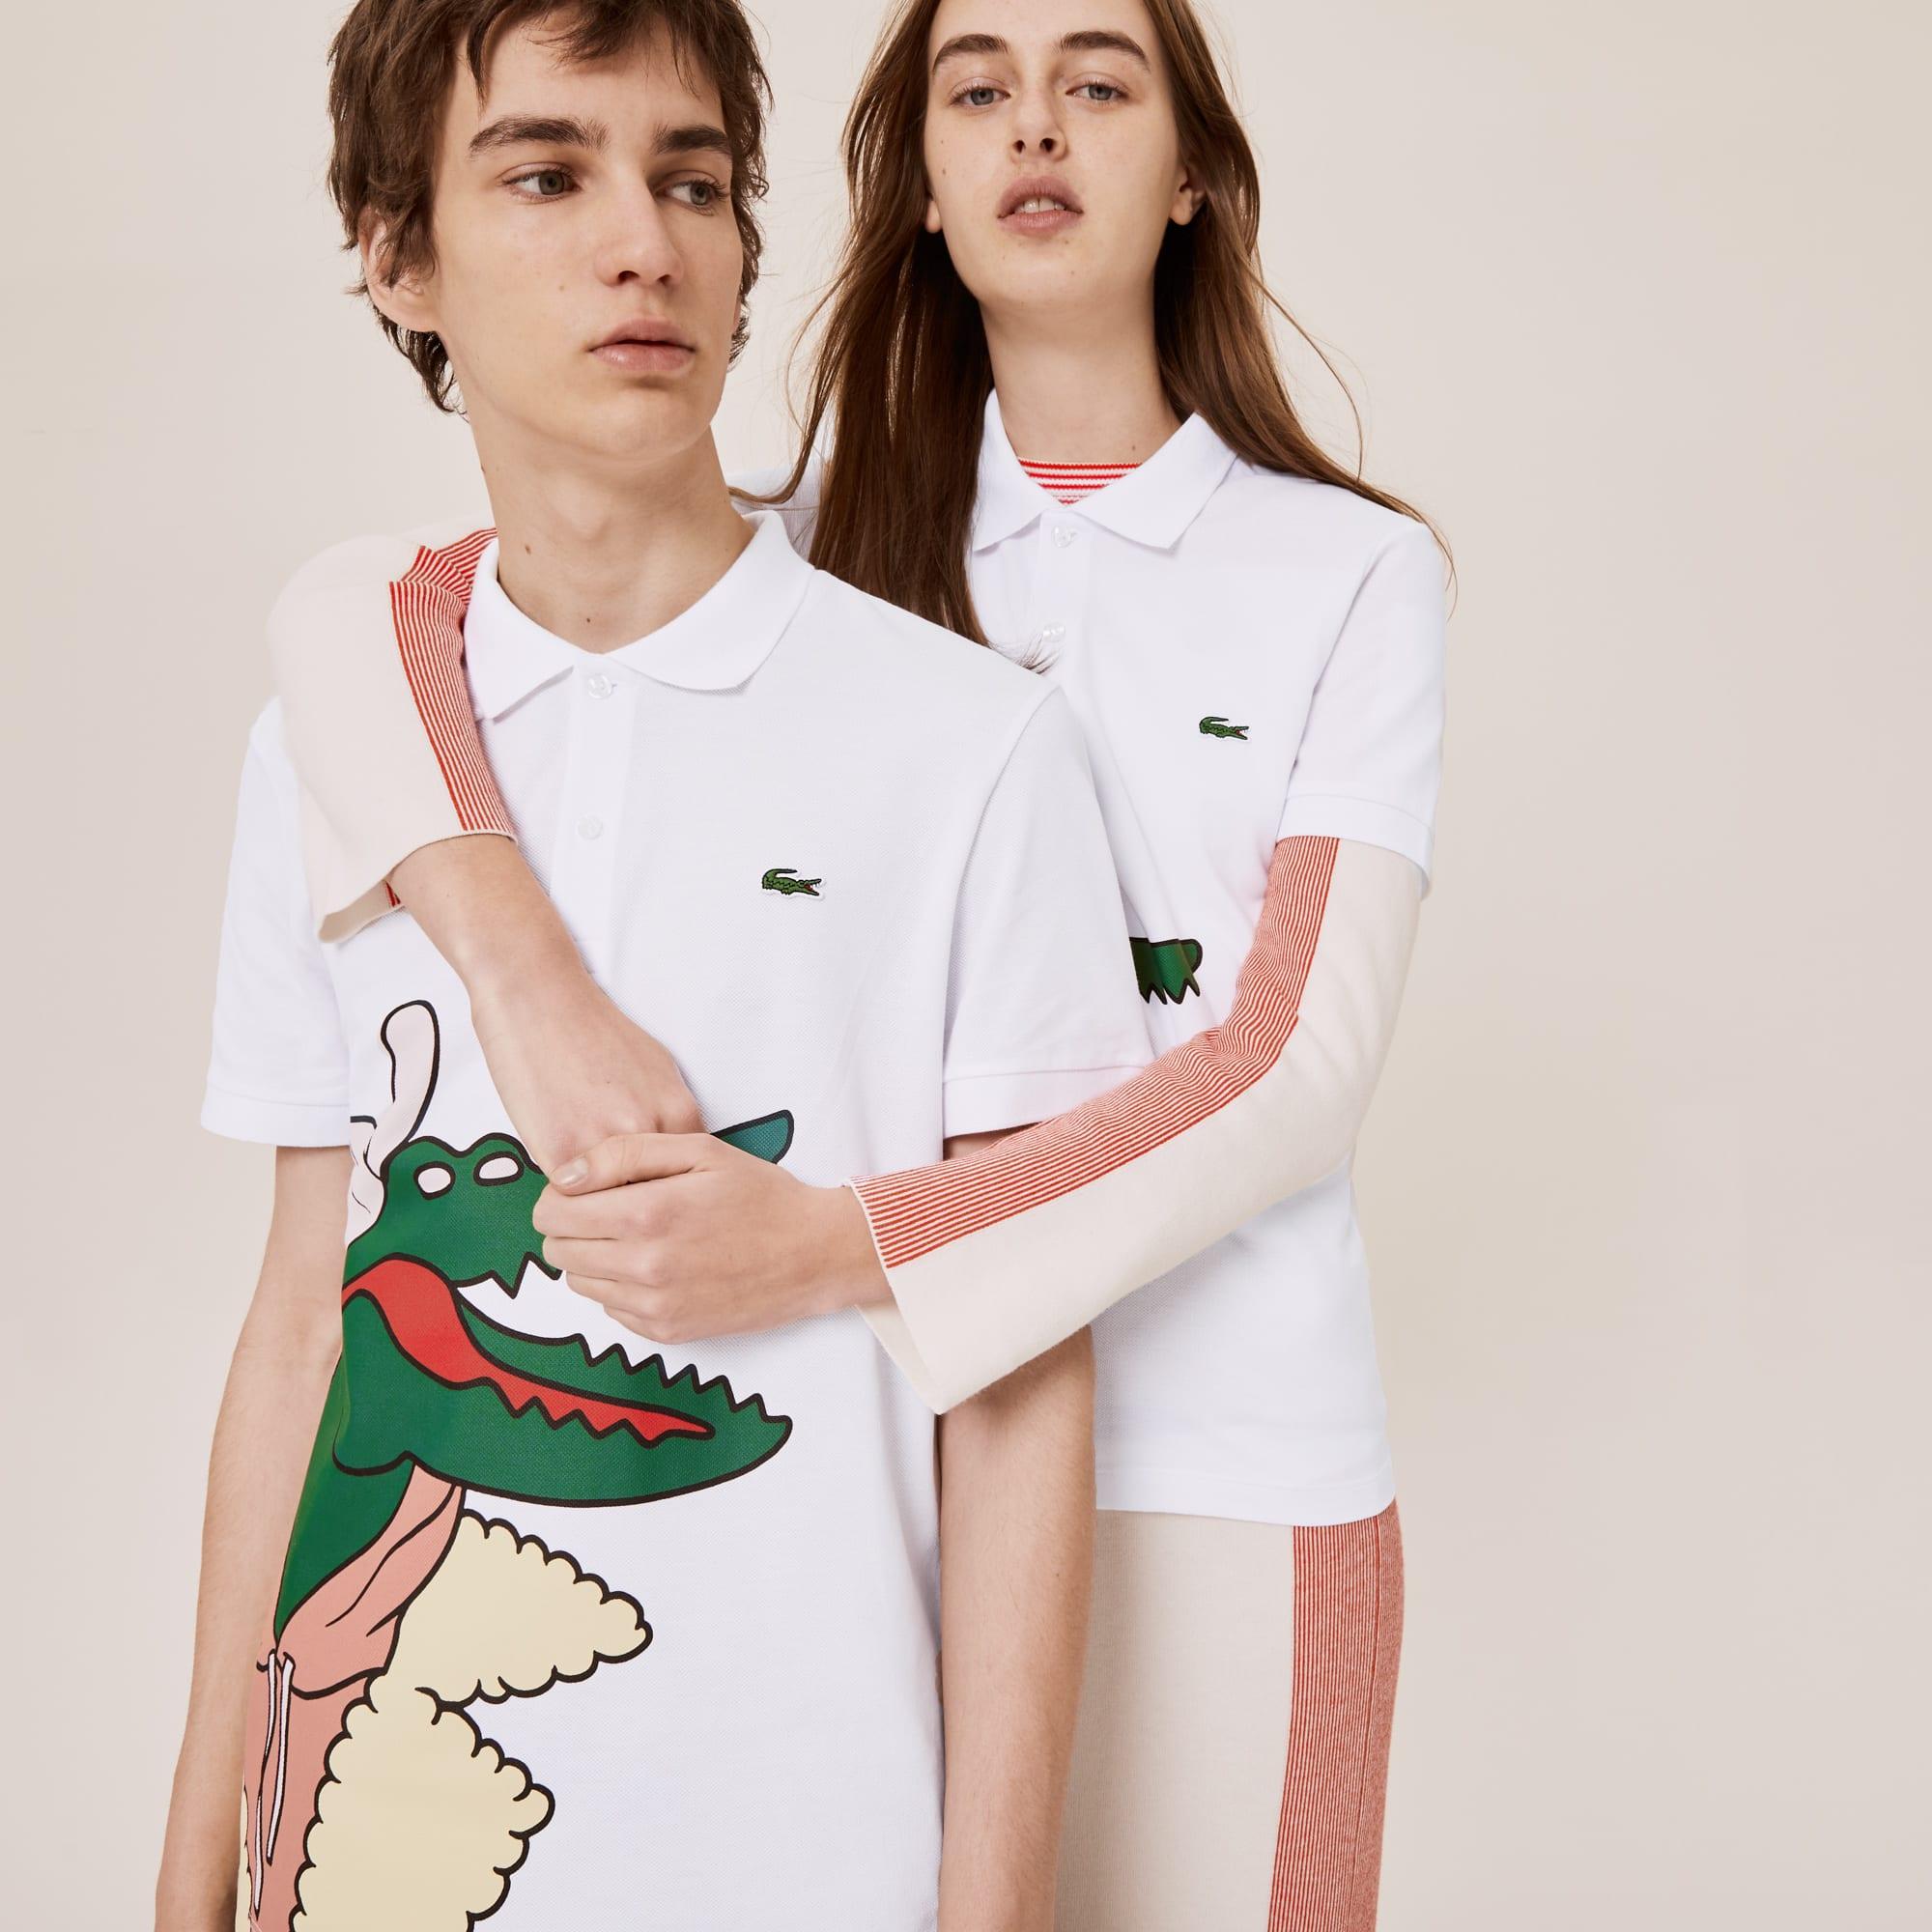 라코스테 X 장 미셀 티시에 콜라보 폴로 셔츠, 남녀공용 (클래식 핏) Unisex Lacoste x Jean-Michel Tixier Print Classic Fit Polo Shirt